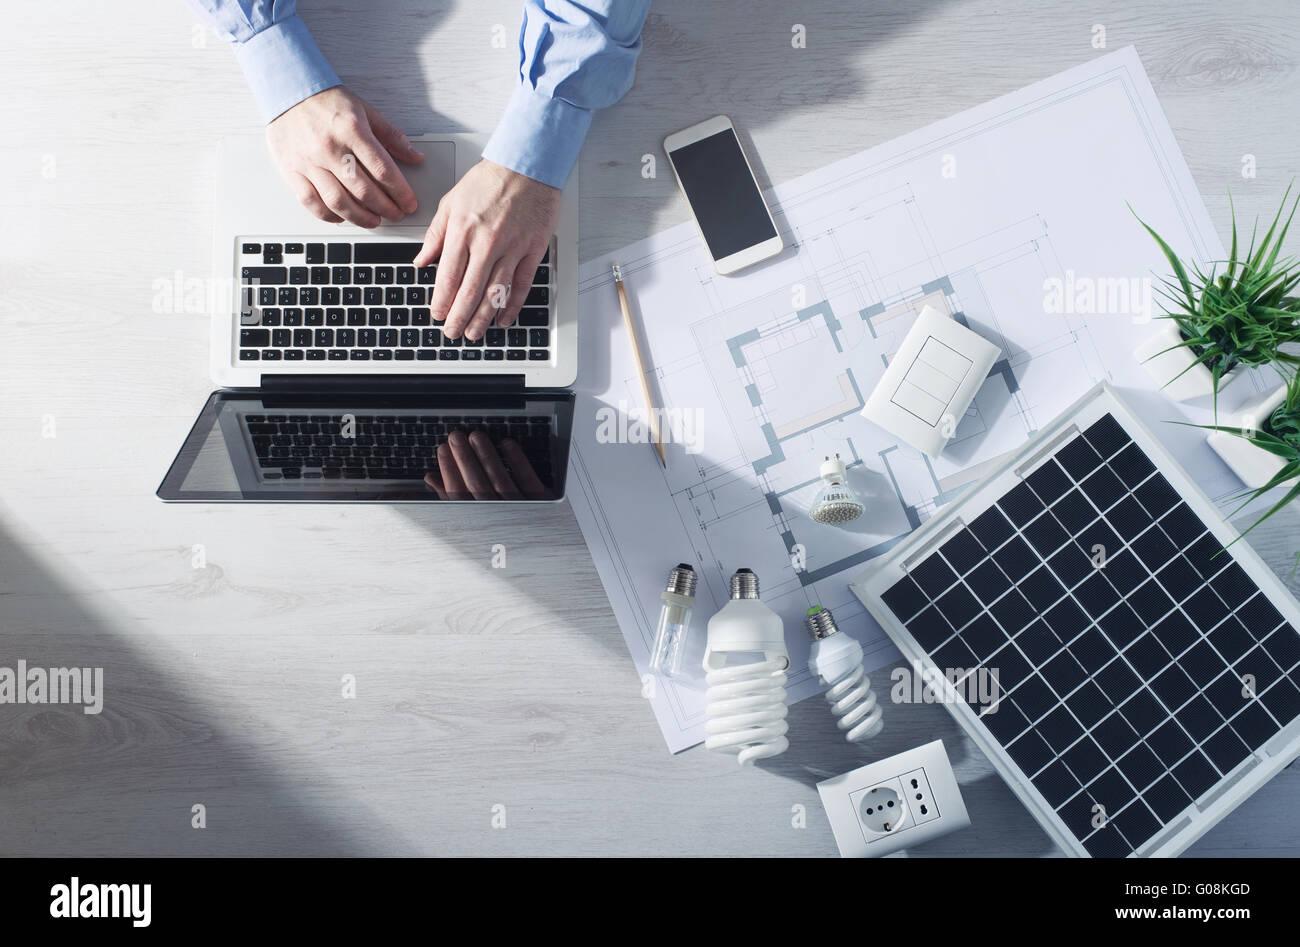 Uomo che lavora alla sua scrivania su un portatile con il risparmio energetico lampadine CFL, un pannello solare Immagini Stock